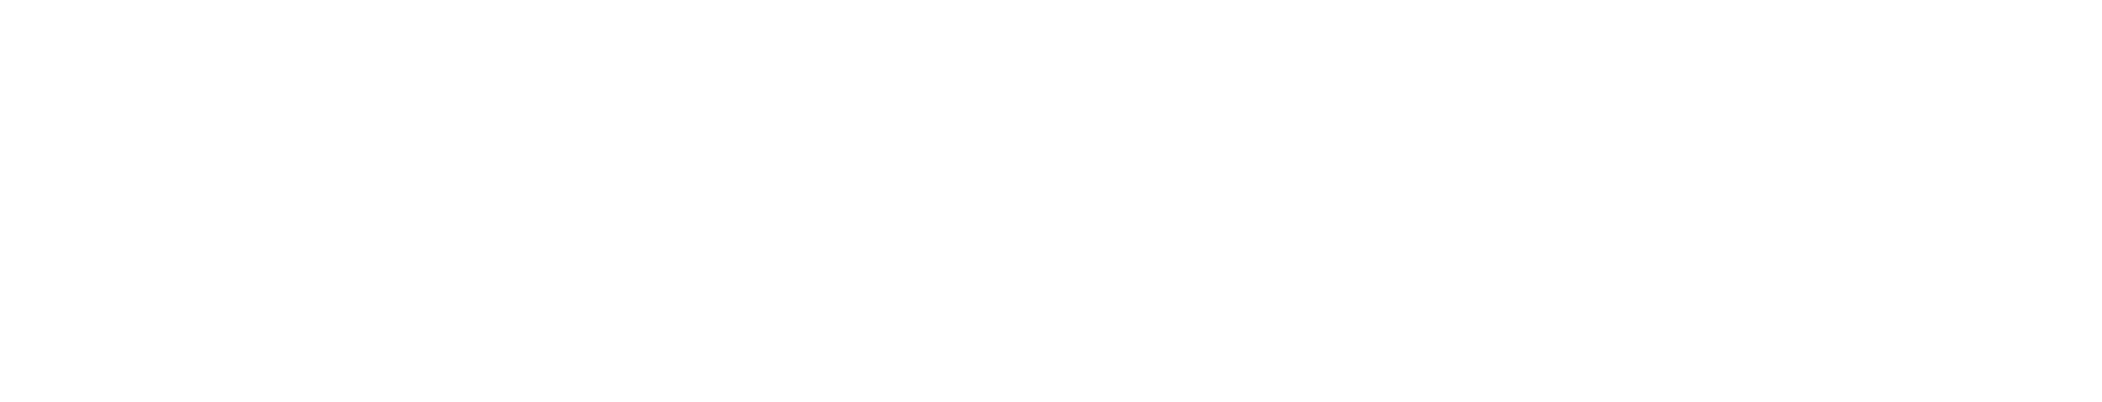 transfert-competences-icone